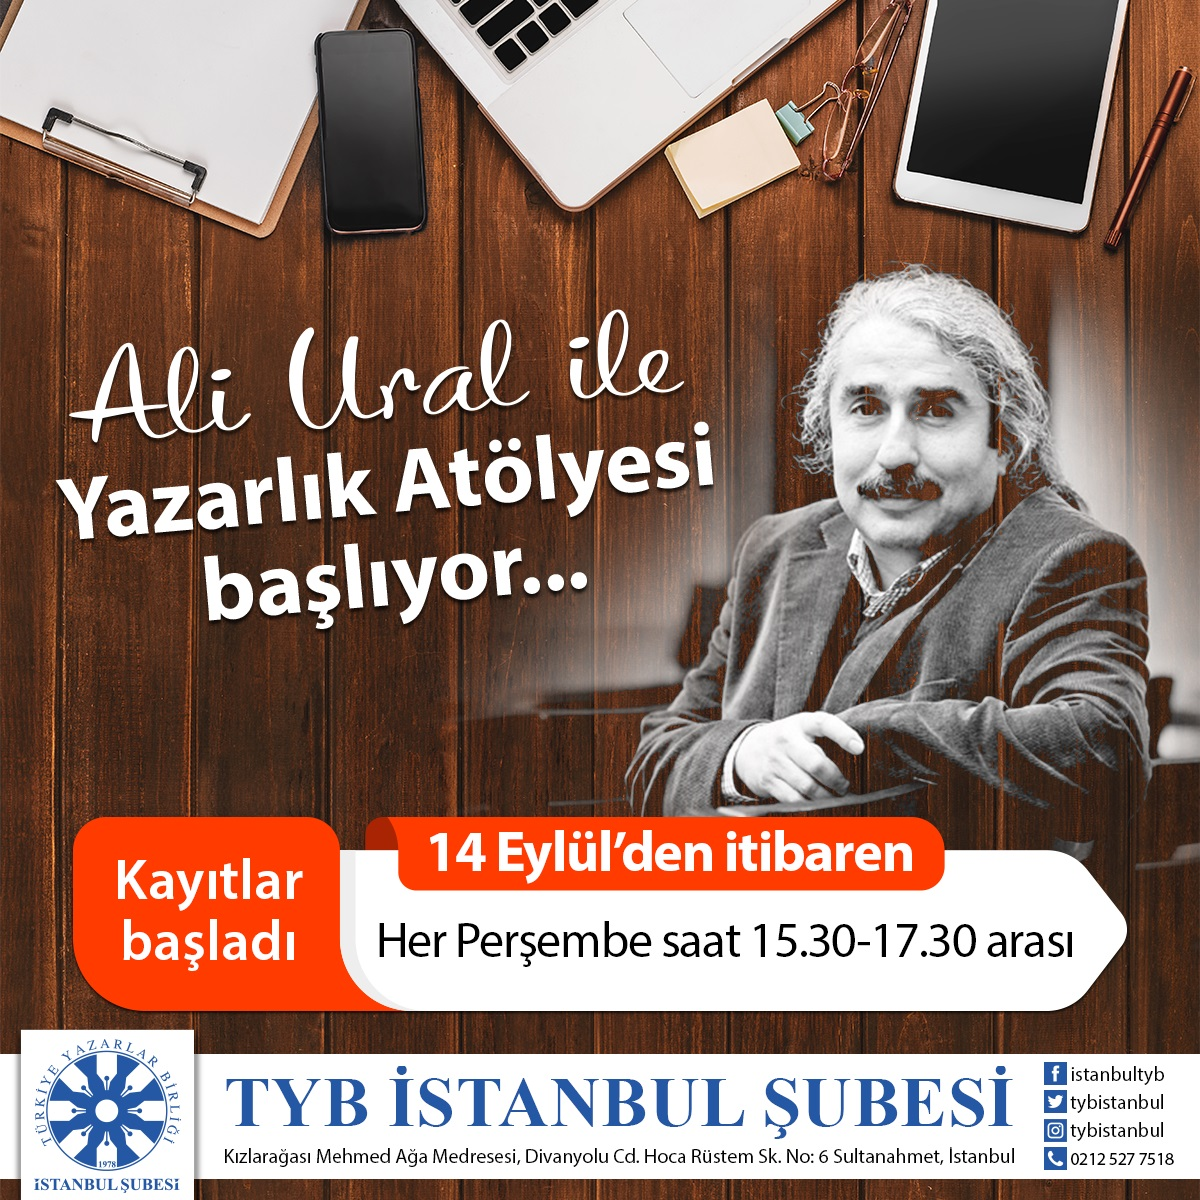 A.Ali Ural'la Yazarlık Atölyesi TYB İstanbul'da Başlıyor